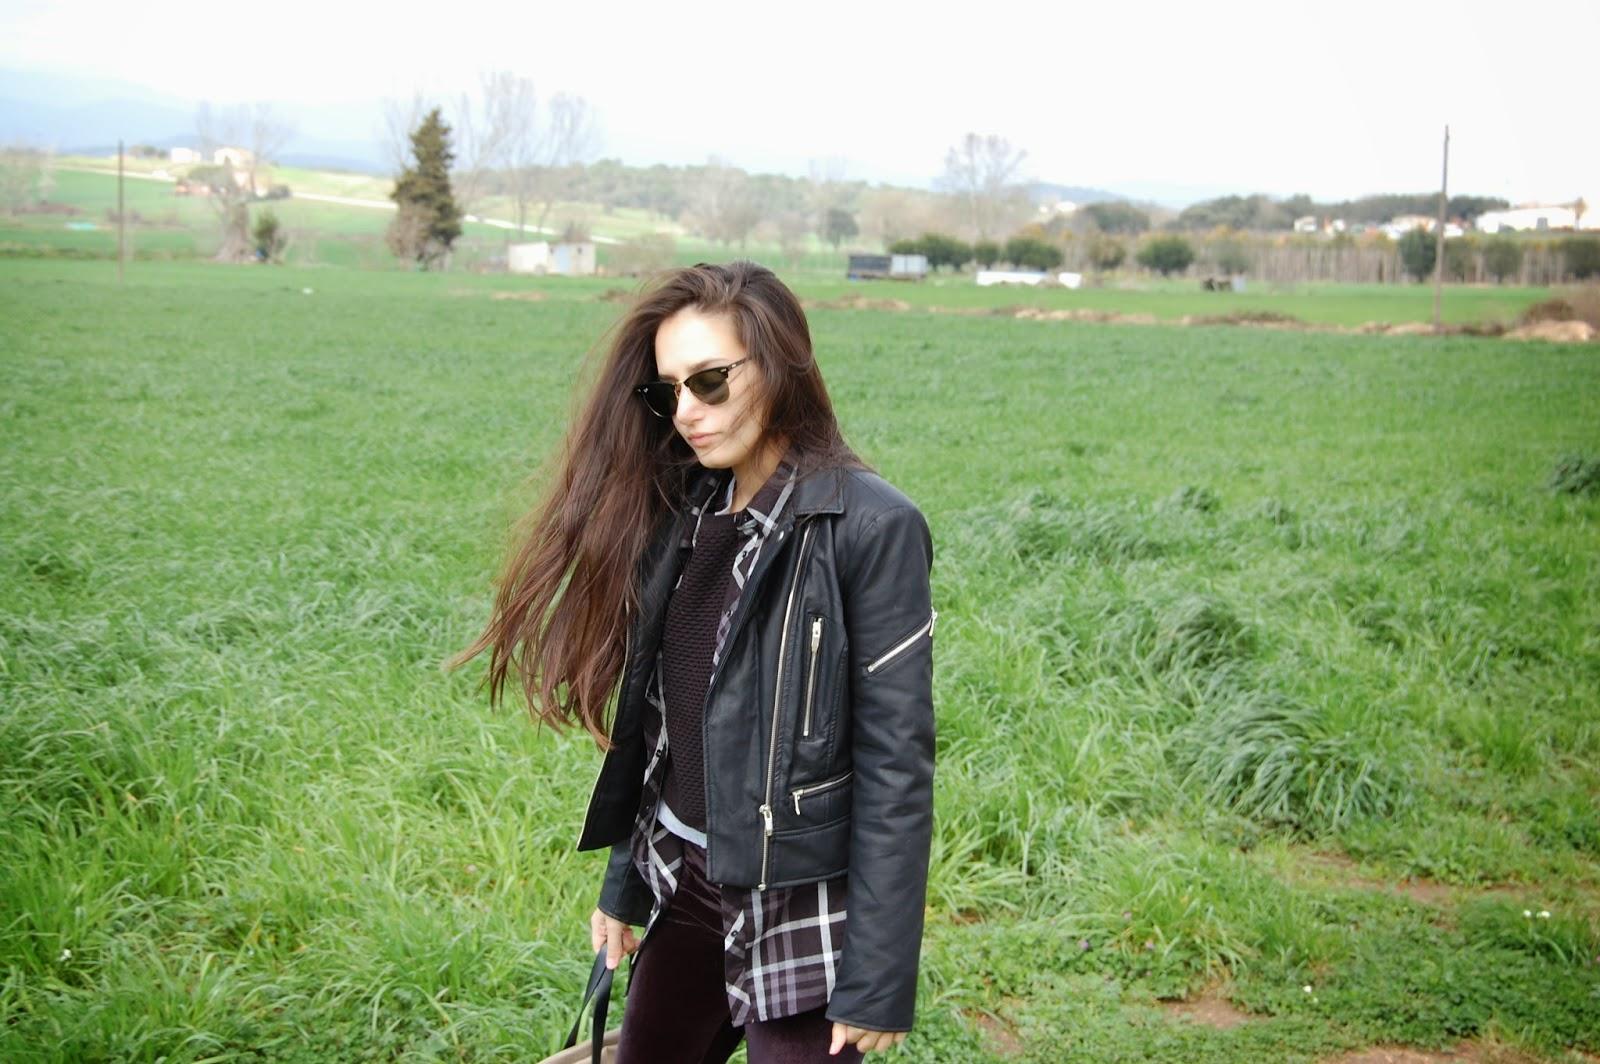 vans verdes, leggings terciopelo calzedonia, bolso bimba&lola, gafas ray-ban clubmaster, cazadora negra, camisa cuadros negra